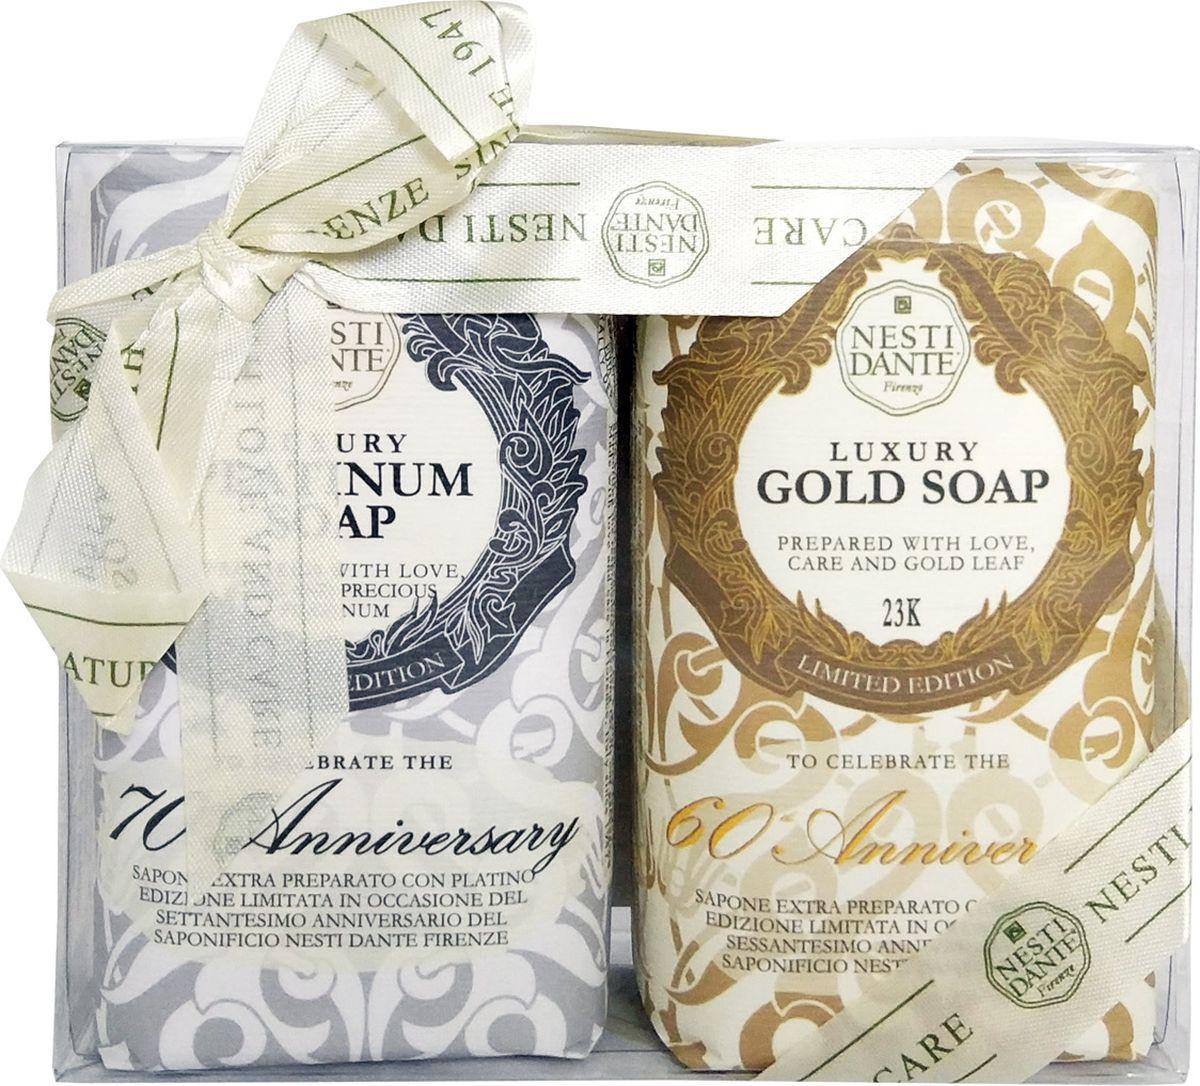 Nesti Dante Набор мыла Anniversary Platinum & Gold Юбилейное Платина и юбилейное золото, 2 х 250 г1780602Набор состоит из 2-х кусков мыла Золотой «слиток» Luxury Gold Soap 60th Anniversary был выпущен кюбилею создания компании.• Мыло содержит настоящее золото 23 карата, аромат ириса +мыло Luxury Platinum Soap содержащее драгоценнуюплатину, которая, благодаря своим качествам, высоко ценится нетолько в ювелирной области, но и в медицине. Платина способнаудерживать влагу на коже, гарантируя естественное ощущениечистоты. Также она является природным антиоксидантом,придает коже упругость и здоровой вид.• Аромат Флорентийской камелии и белого Тосканского жасмина